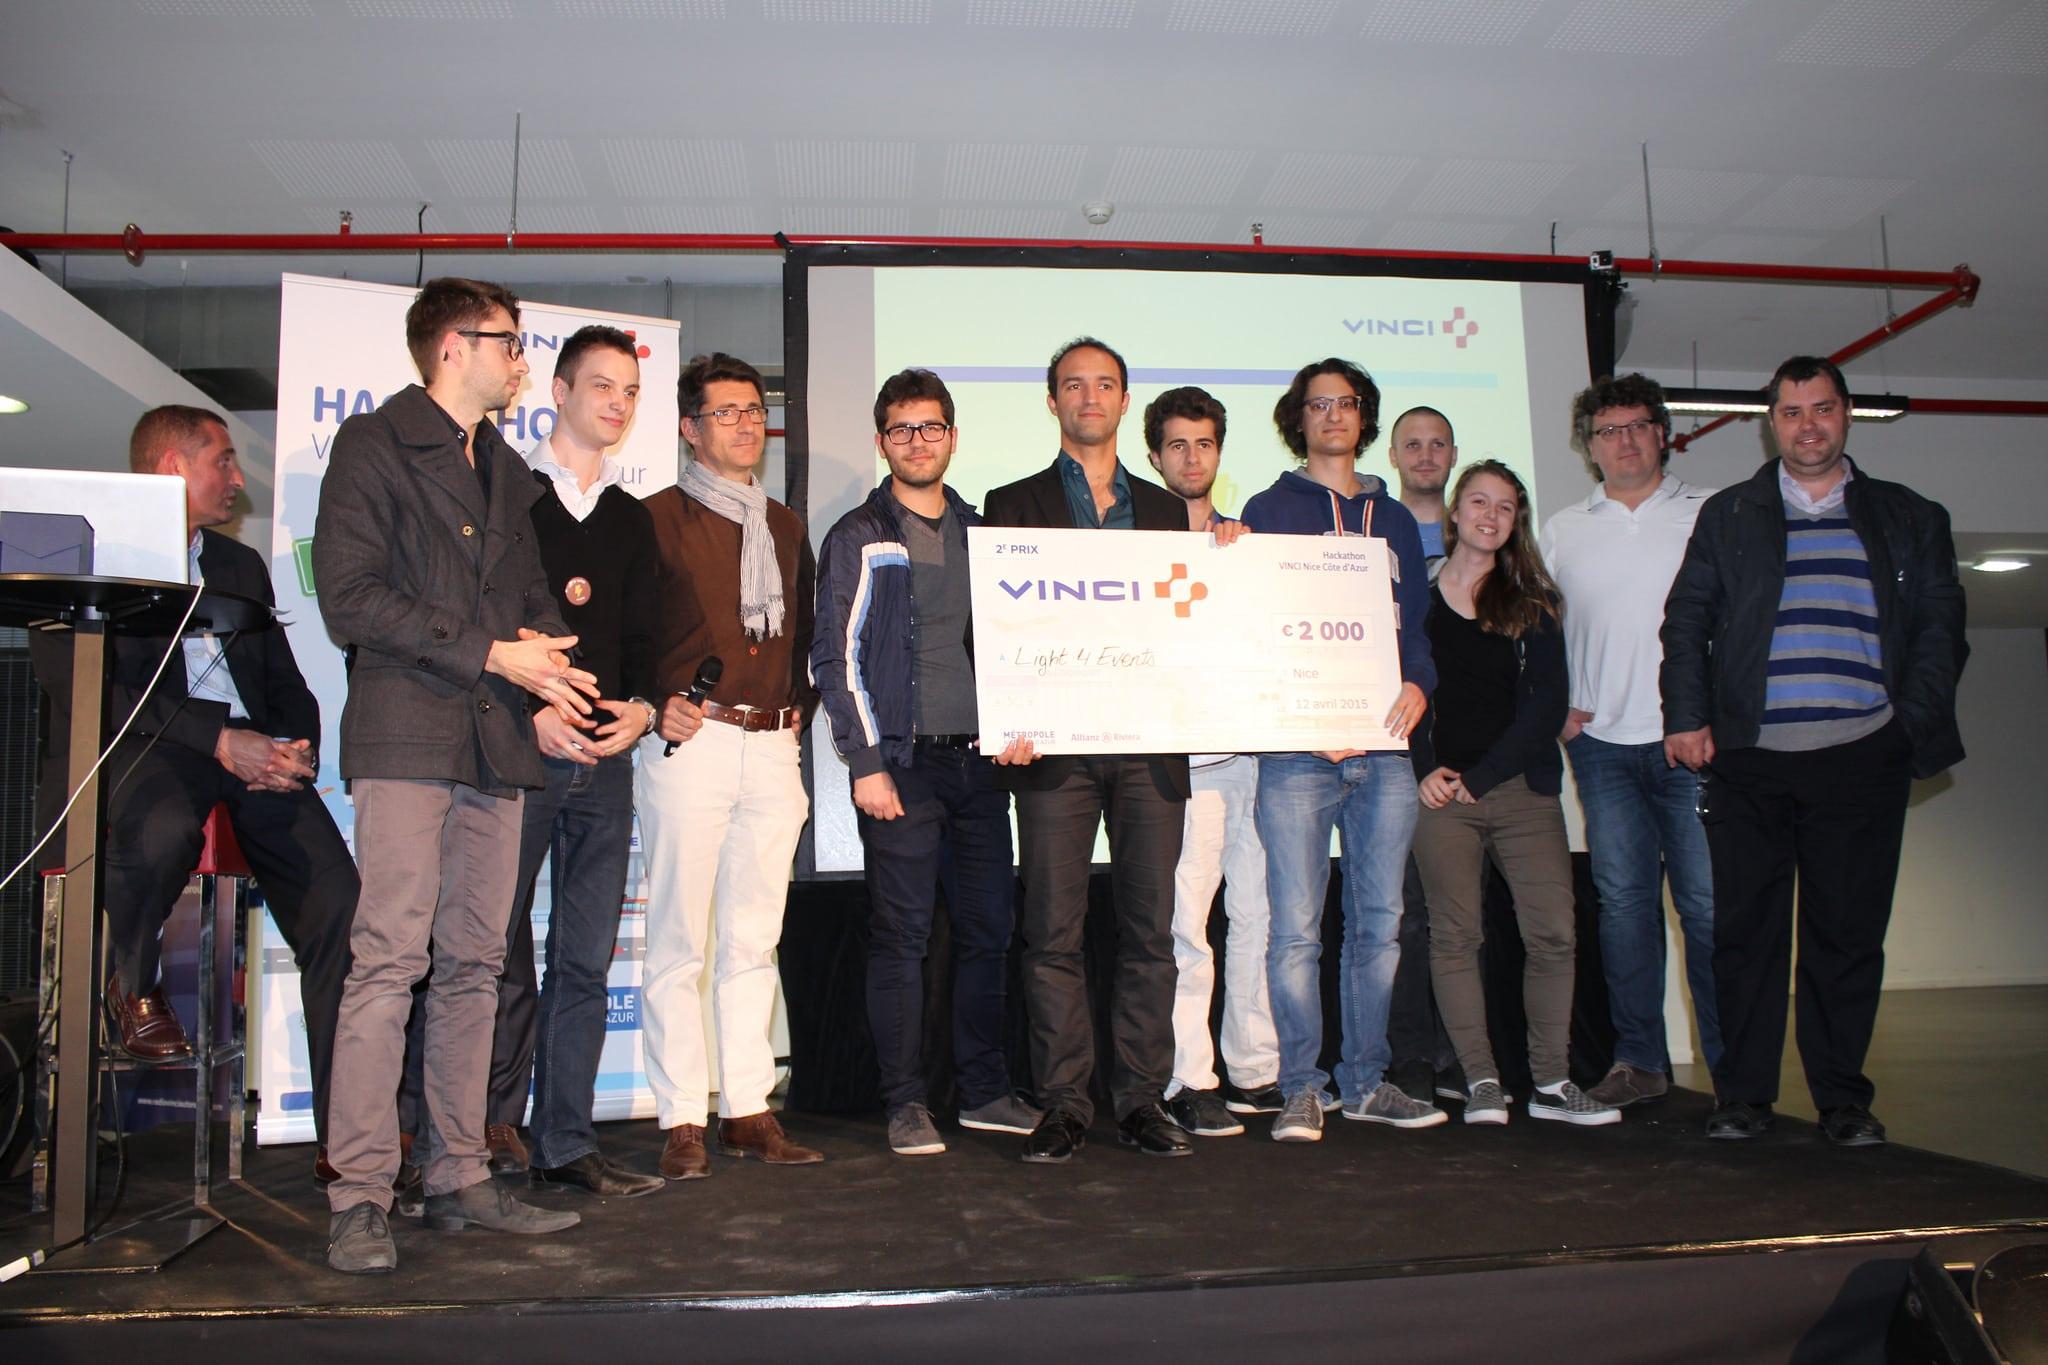 2ème place au Hackathon Vinci